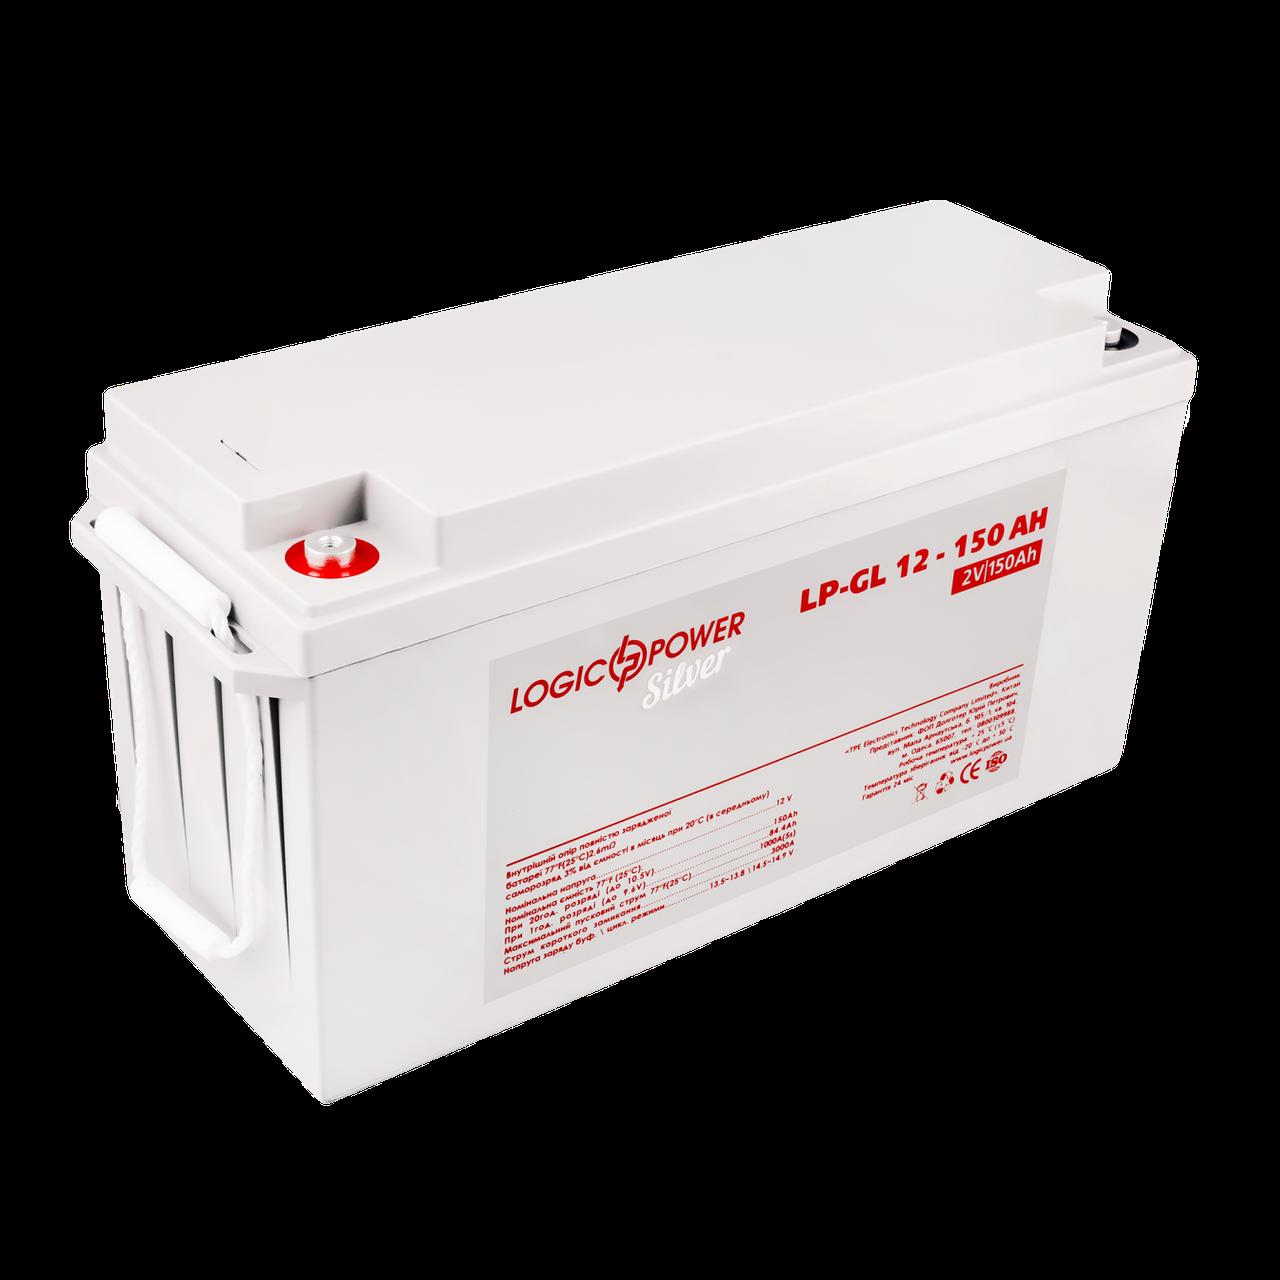 Аккумулятор гелевый LogicPower LP-GL 12 - 150 AH SILVER